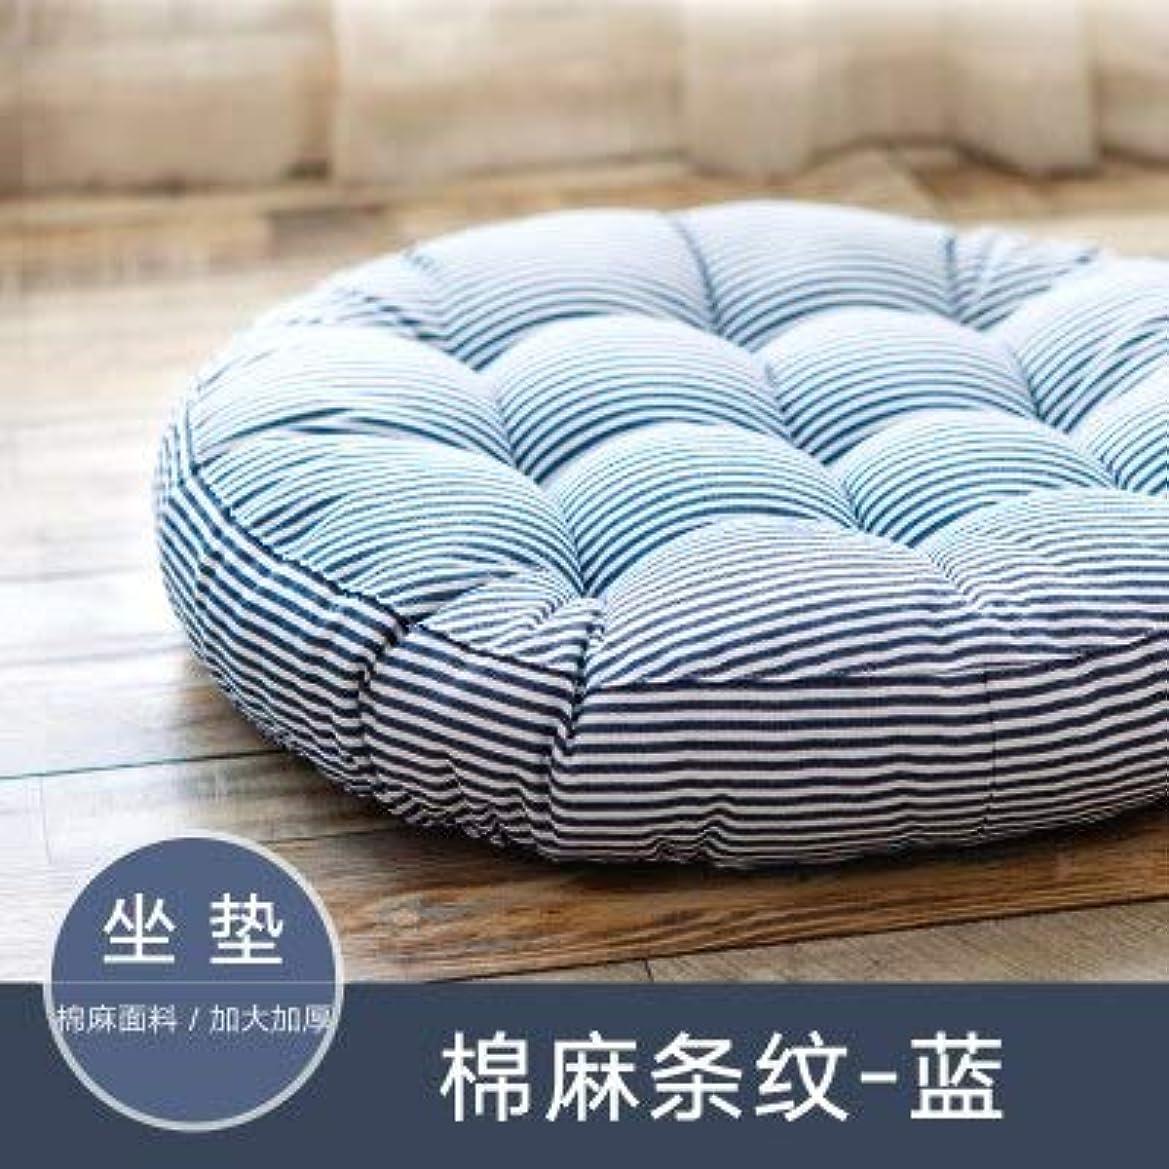 変化高く健康的LIFE ラウンド厚い椅子のクッションフロアマットレスシートパッドソフトホームオフィスチェアクッションマットソフトスロー枕最高品質の床クッション クッション 椅子